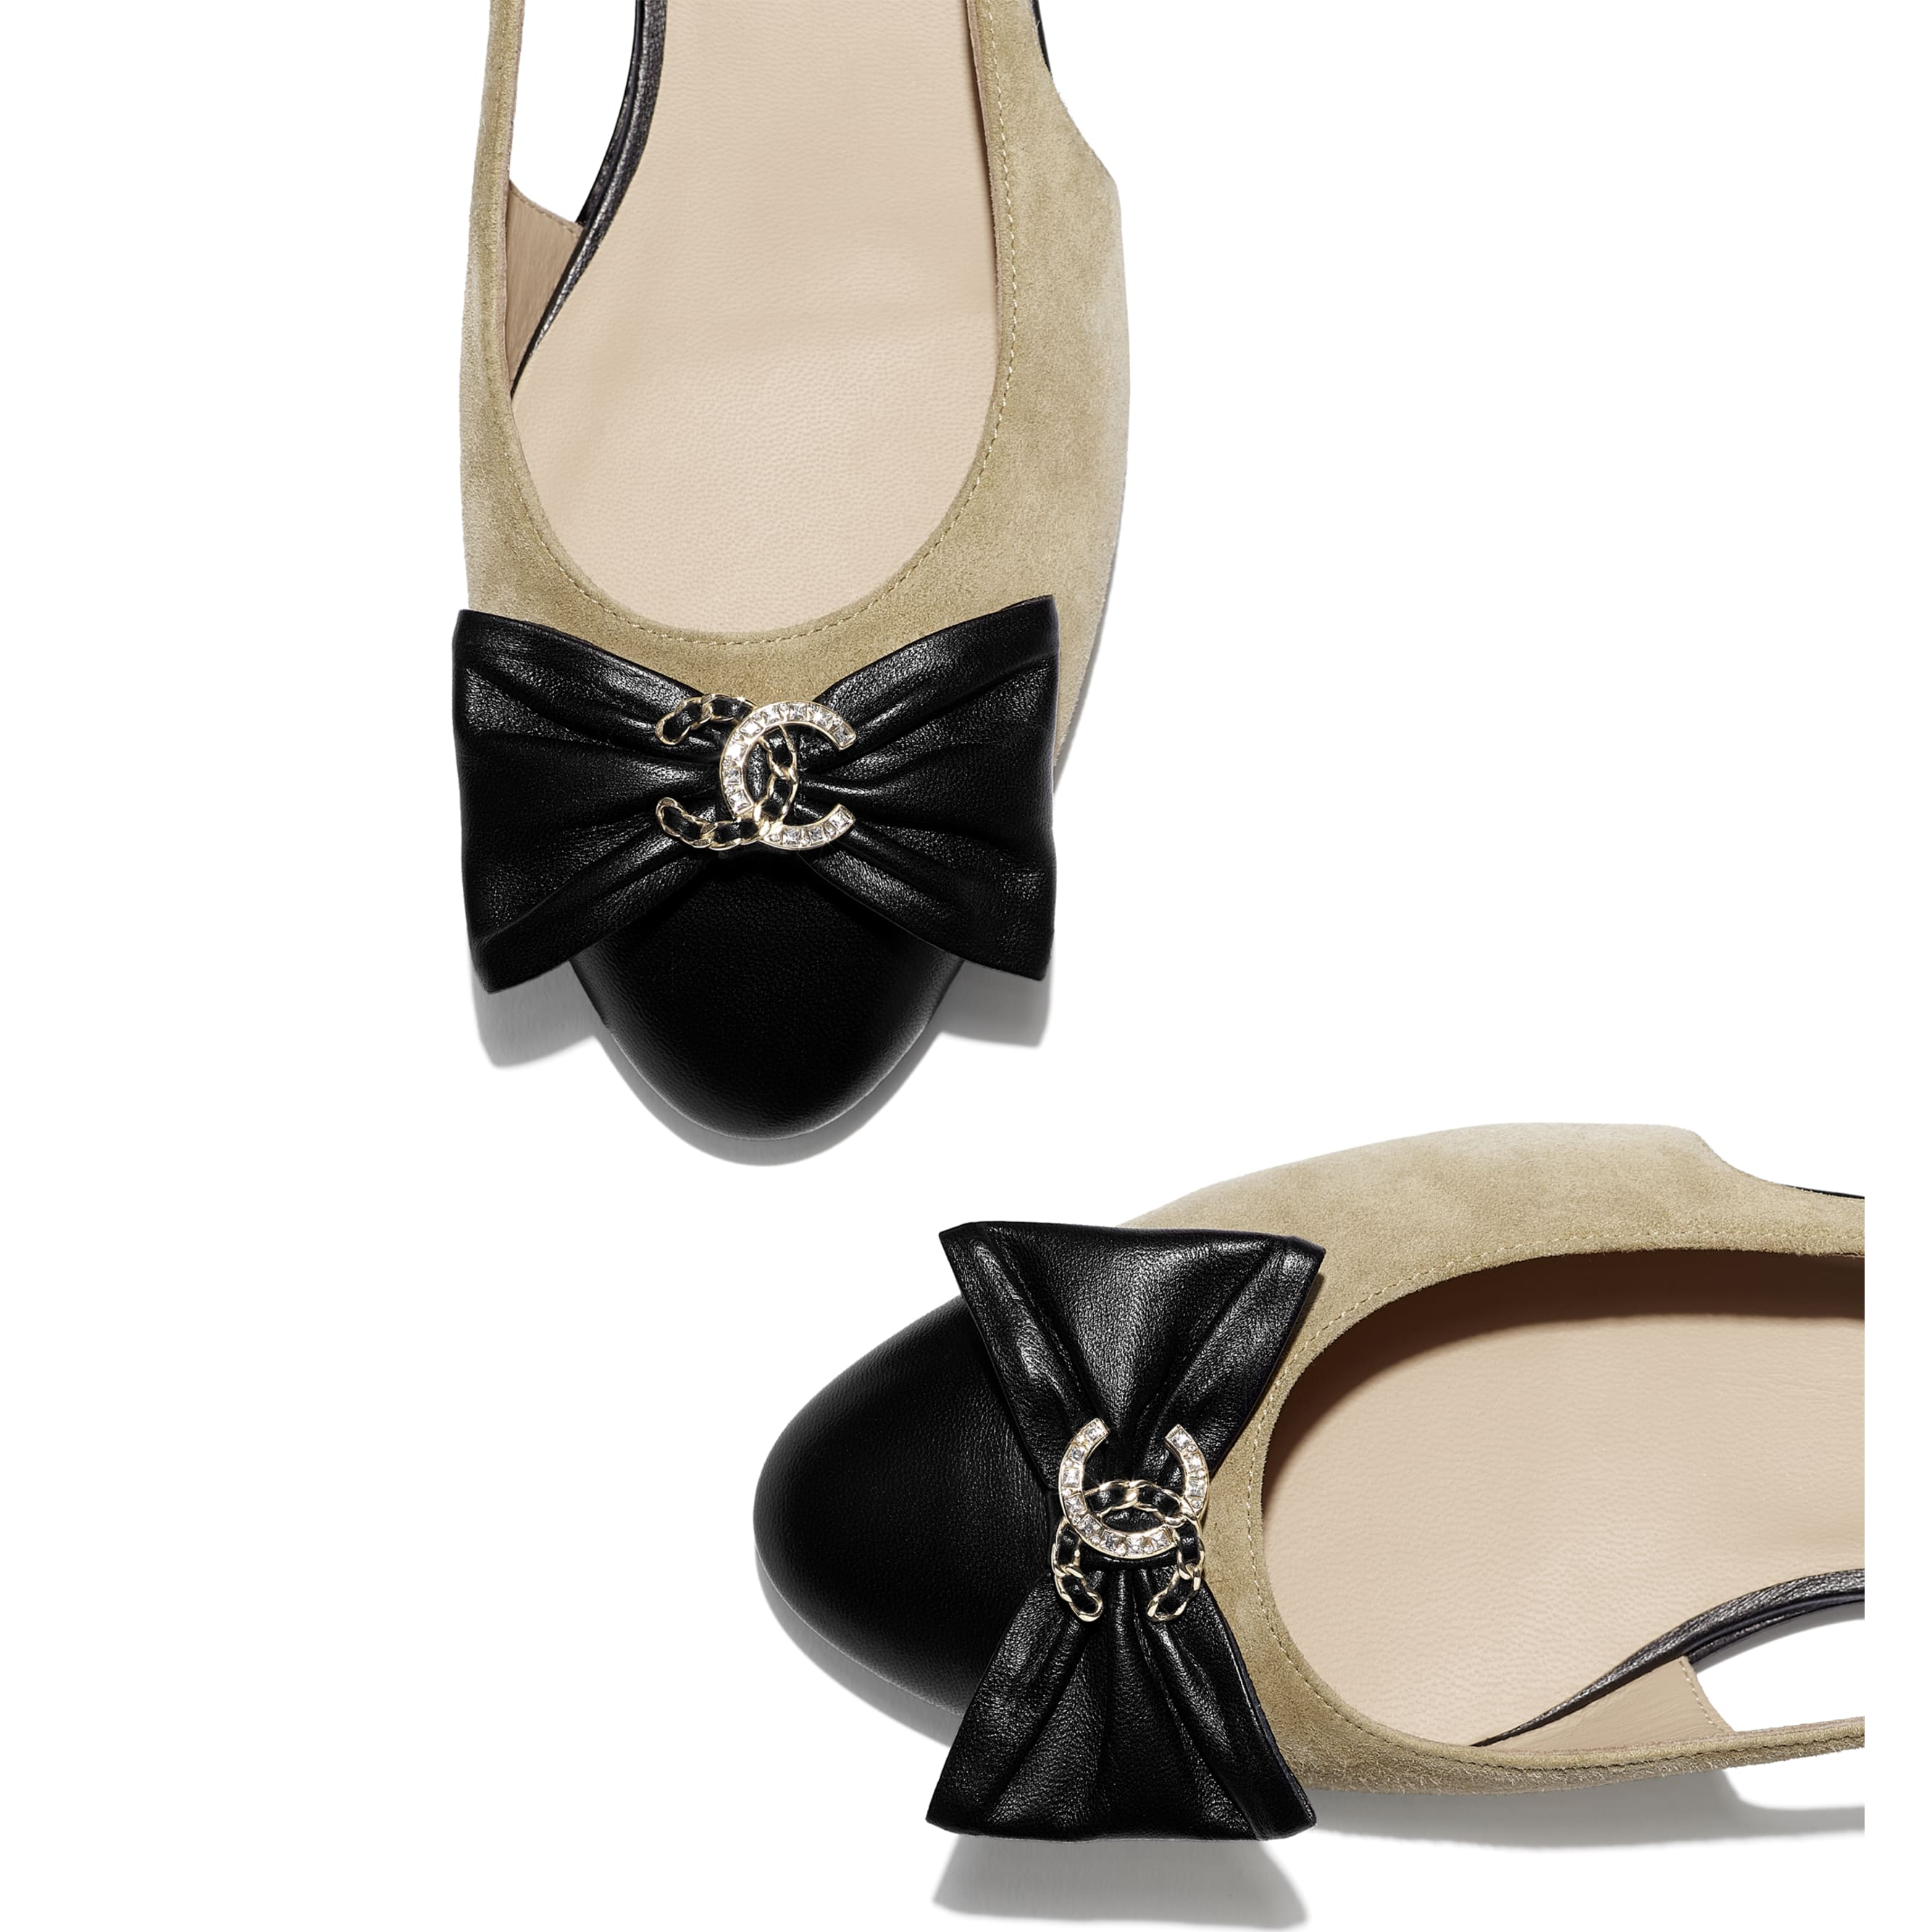 芭蕾舞鞋 - 米與黑 - 小牛麂皮與小羊皮 - CHANEL - 額外視圖 - 查看標準尺寸版本